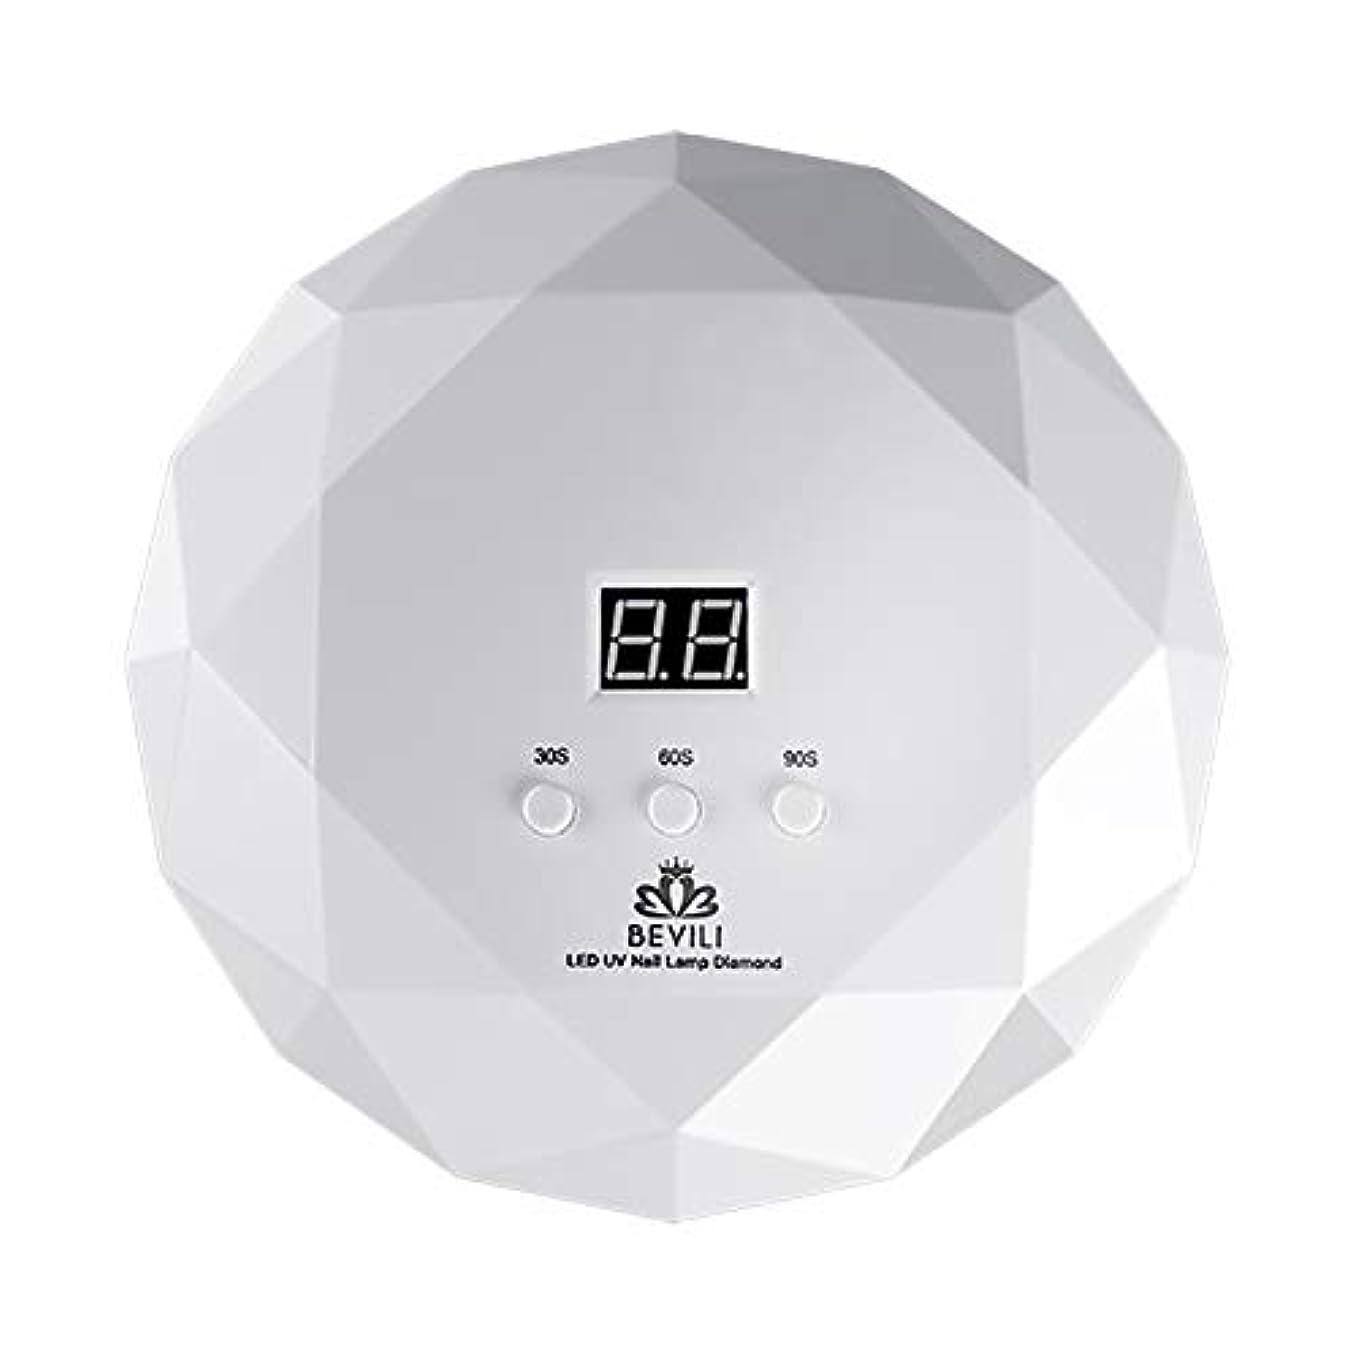 説明しかしお願いしますLITI LEDネイルドライヤー UVネイルライト 36Wハイパワー 自動センサー 3段階タイマー設定 高速硬化ジェルネイルライト UVとLEDダブルライト肌をケア ジェルネイル用 ホワイト